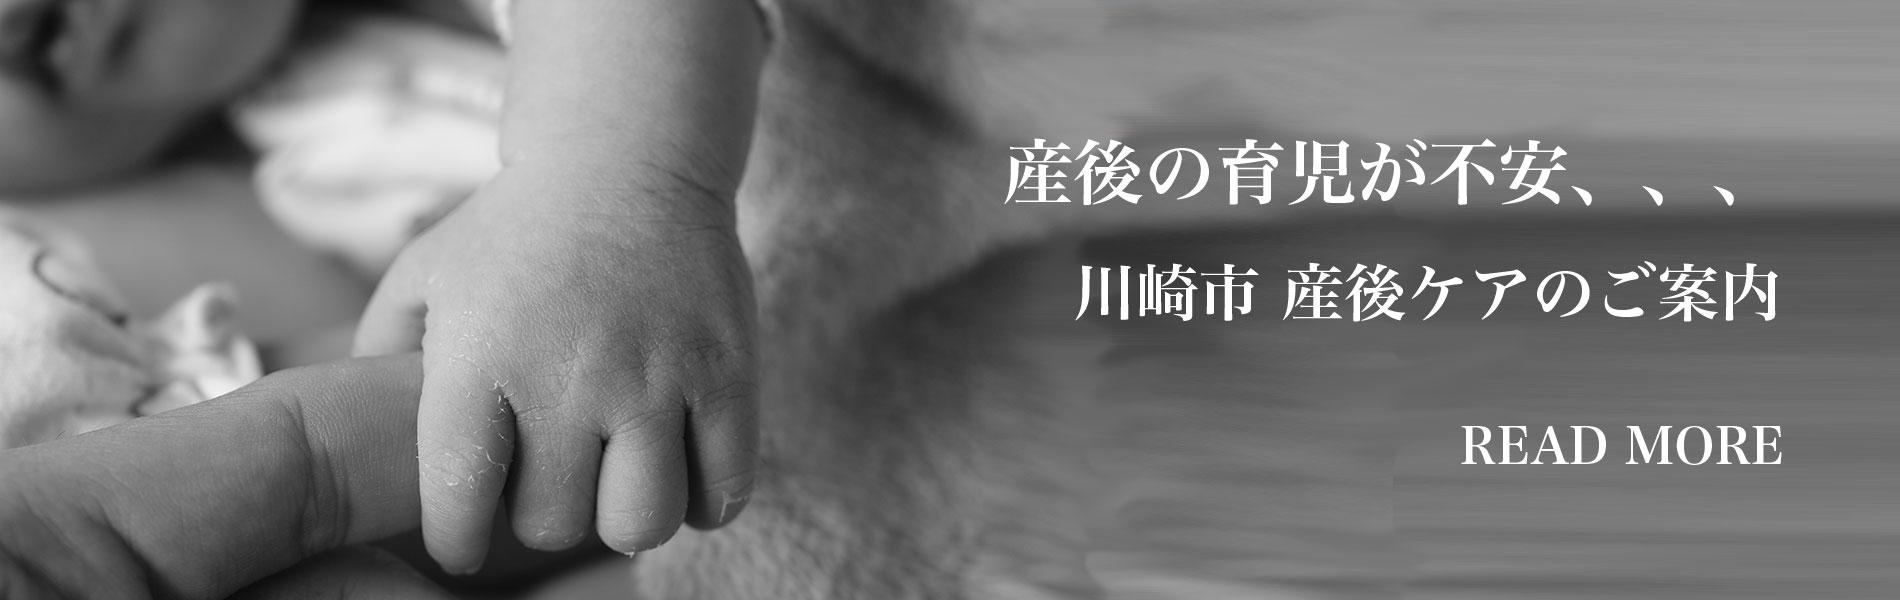 産後の育児が不安、、、 川崎市 産後ケアのご案内